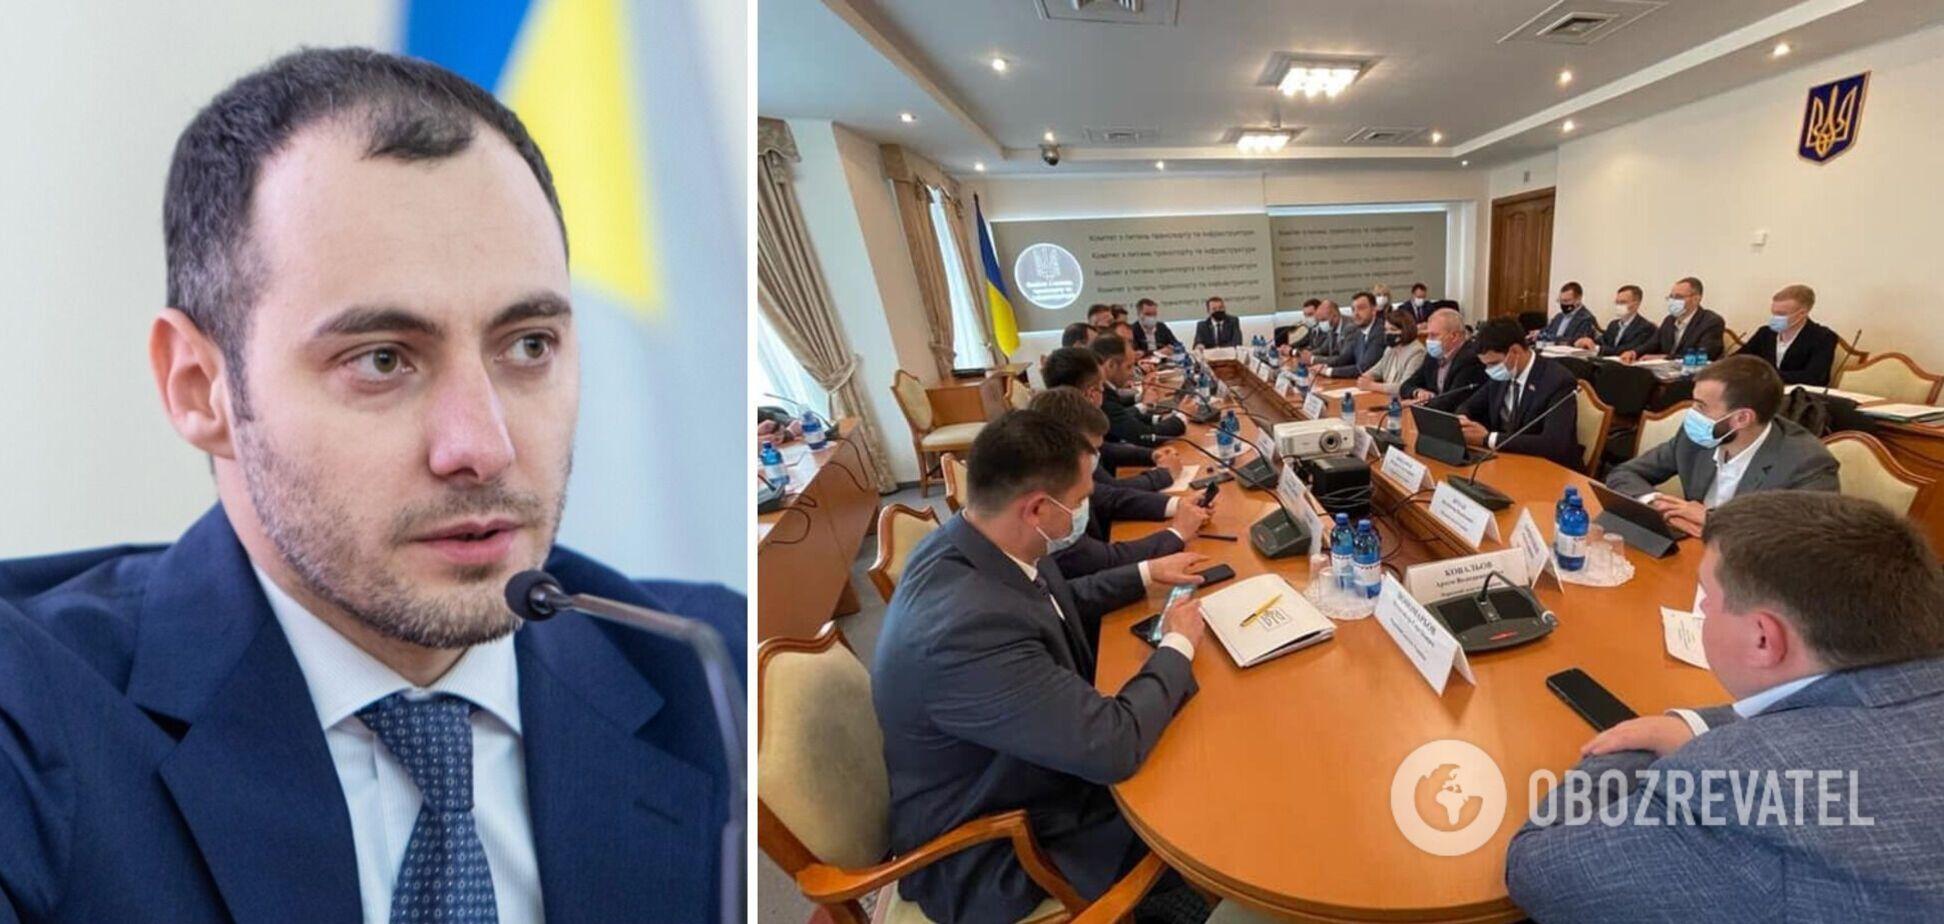 Комітет ВР підтримав призначення Кубракова міністром інфраструктури